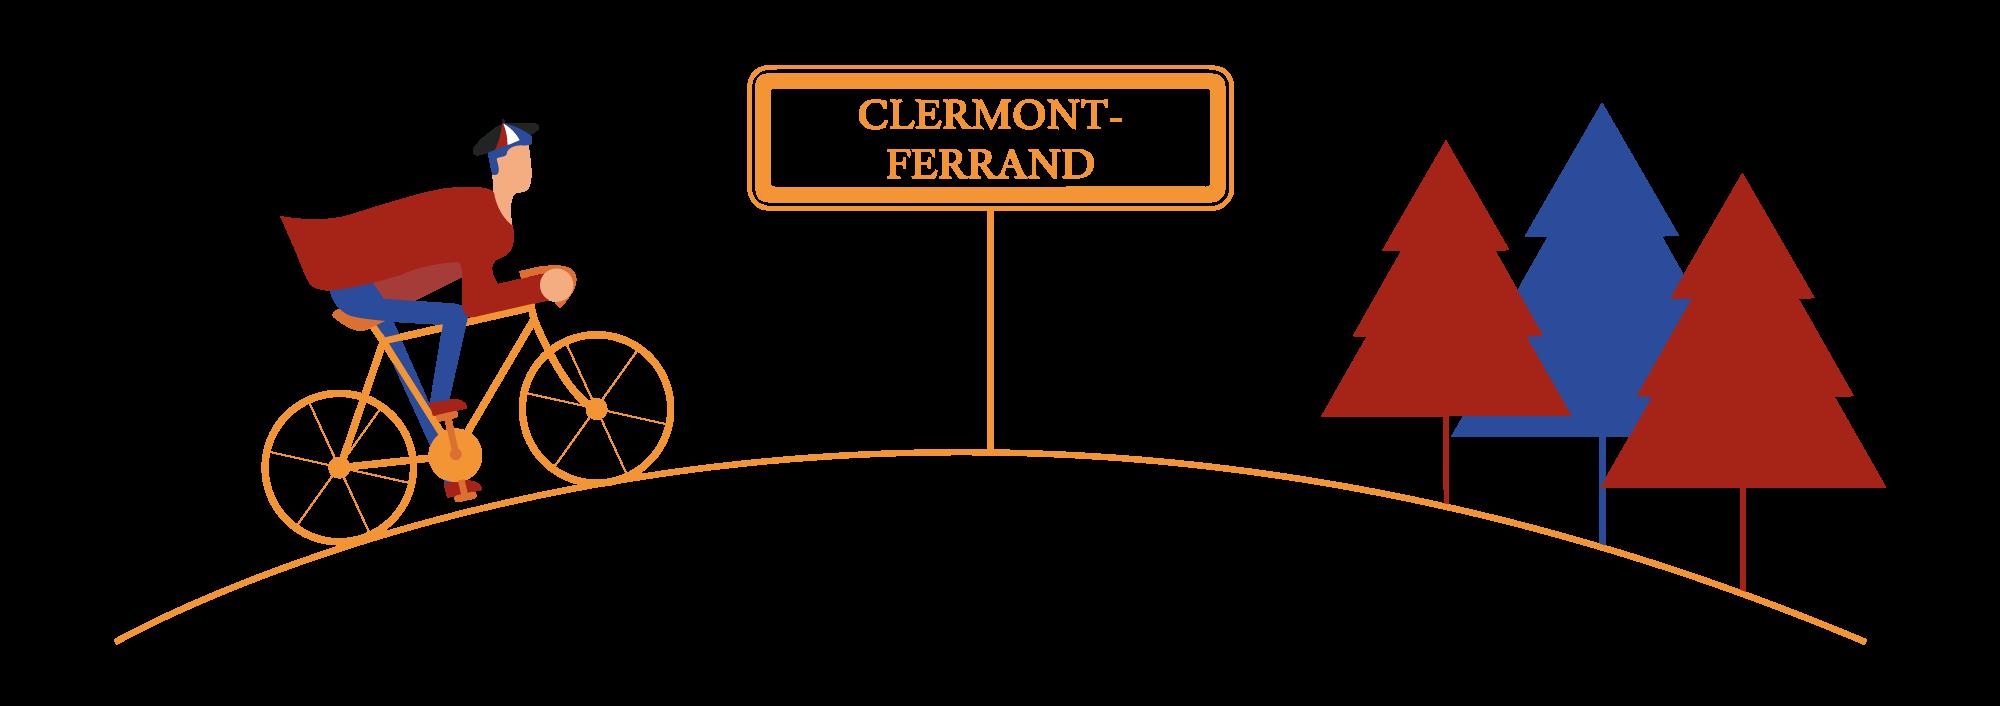 Spécialités de Clermont-Ferrand